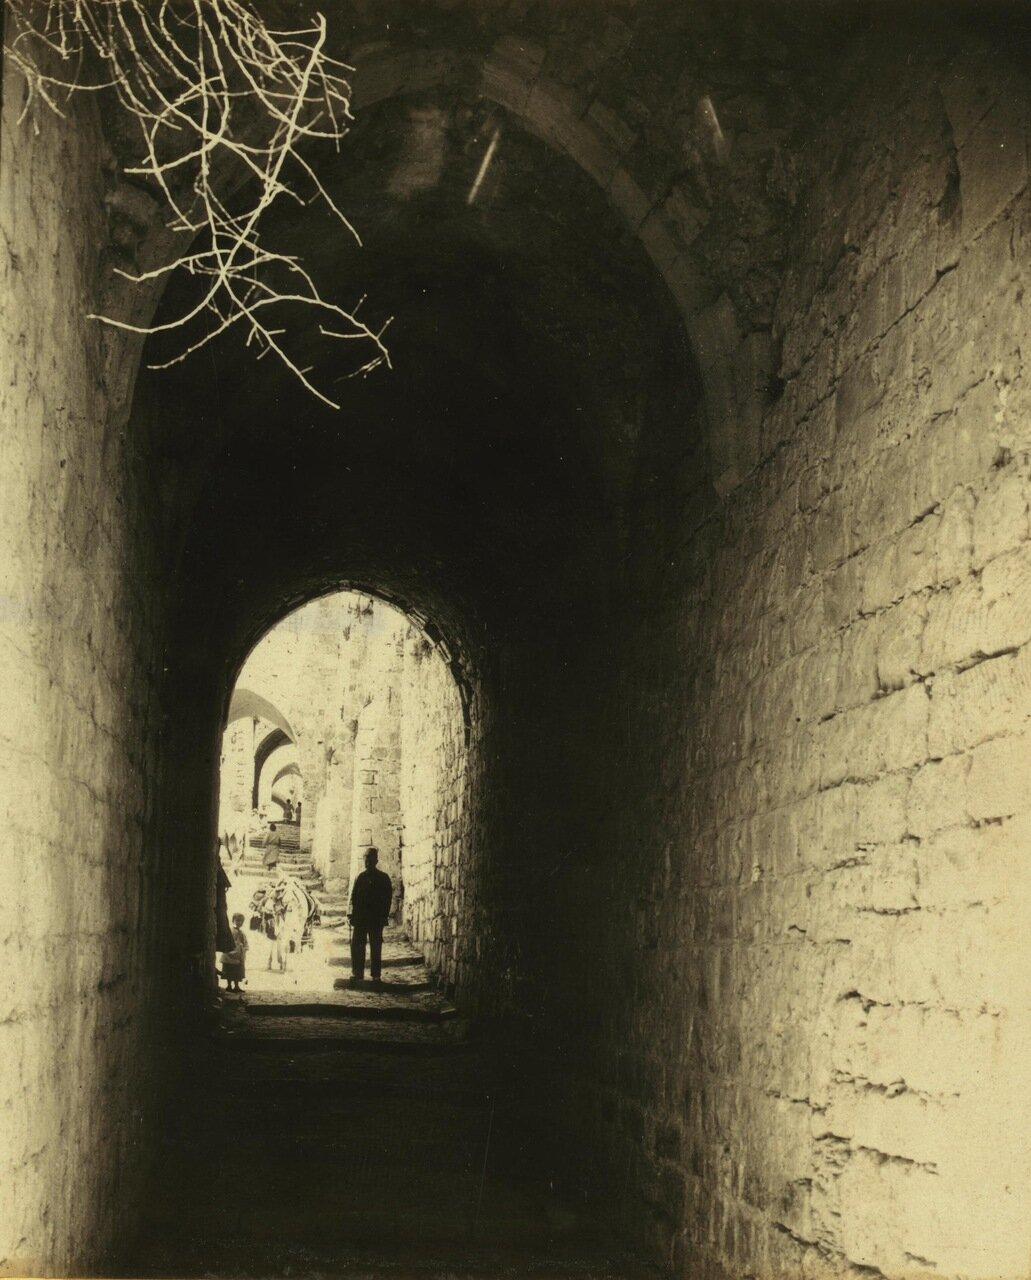 Малая арка к северу по Виа Долороза, Иерусалим. 19 июня 1911 г.